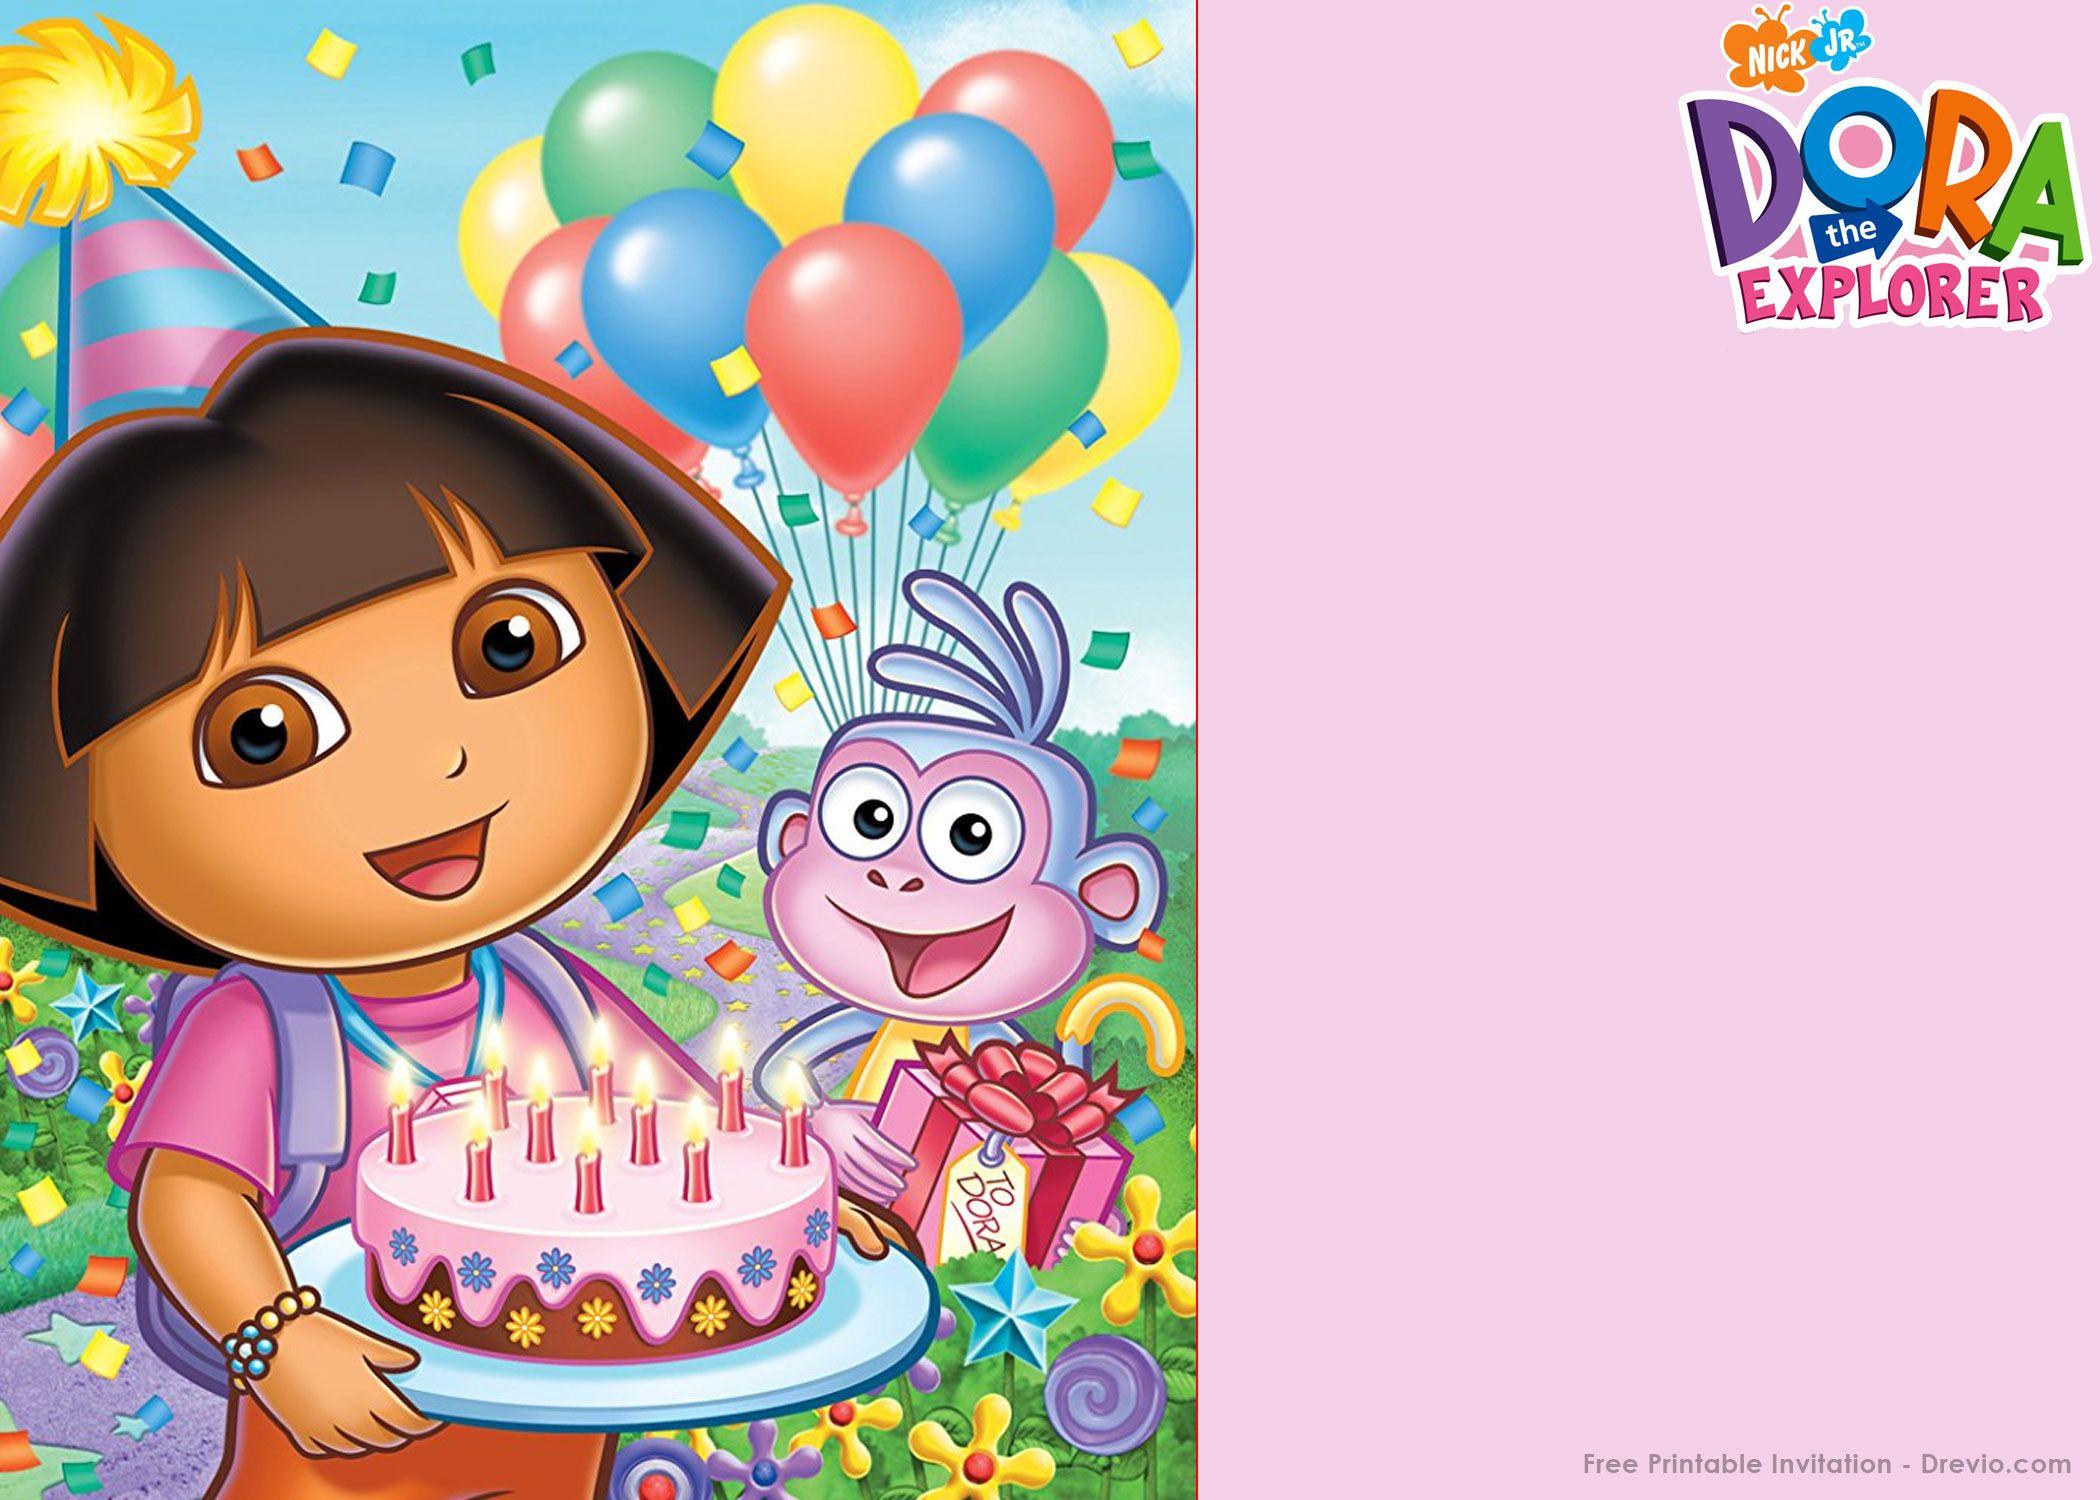 Free Printable Dora The Explorer Party Invitation Template - Dora The Explorer Free Printable Invitations